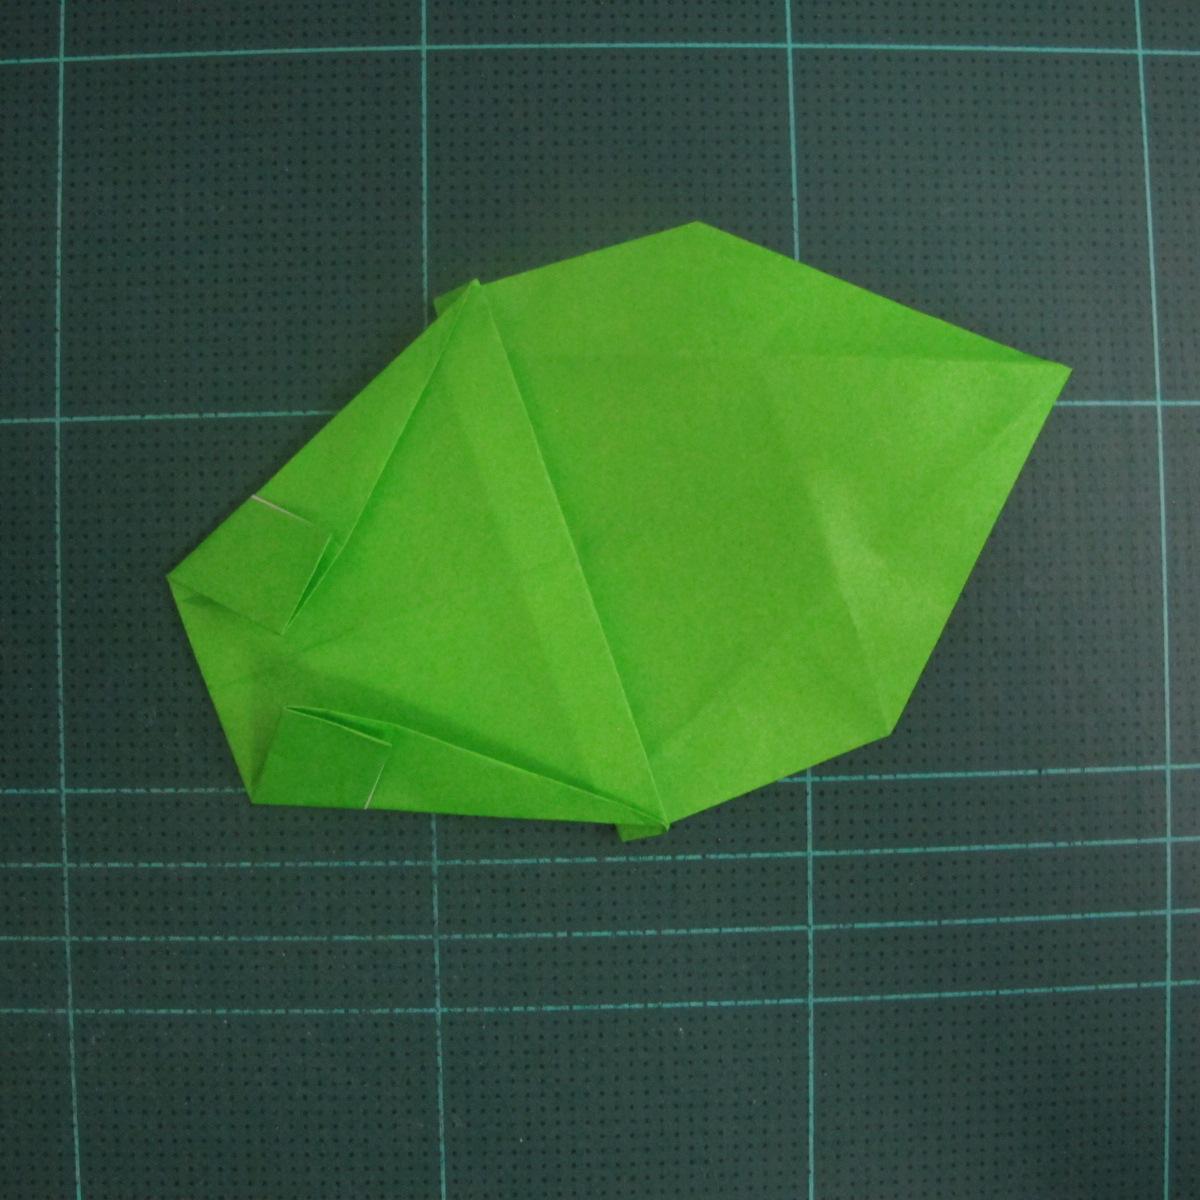 การพับกระดาษเป็นรูปแรด (Origami Rhino) 018